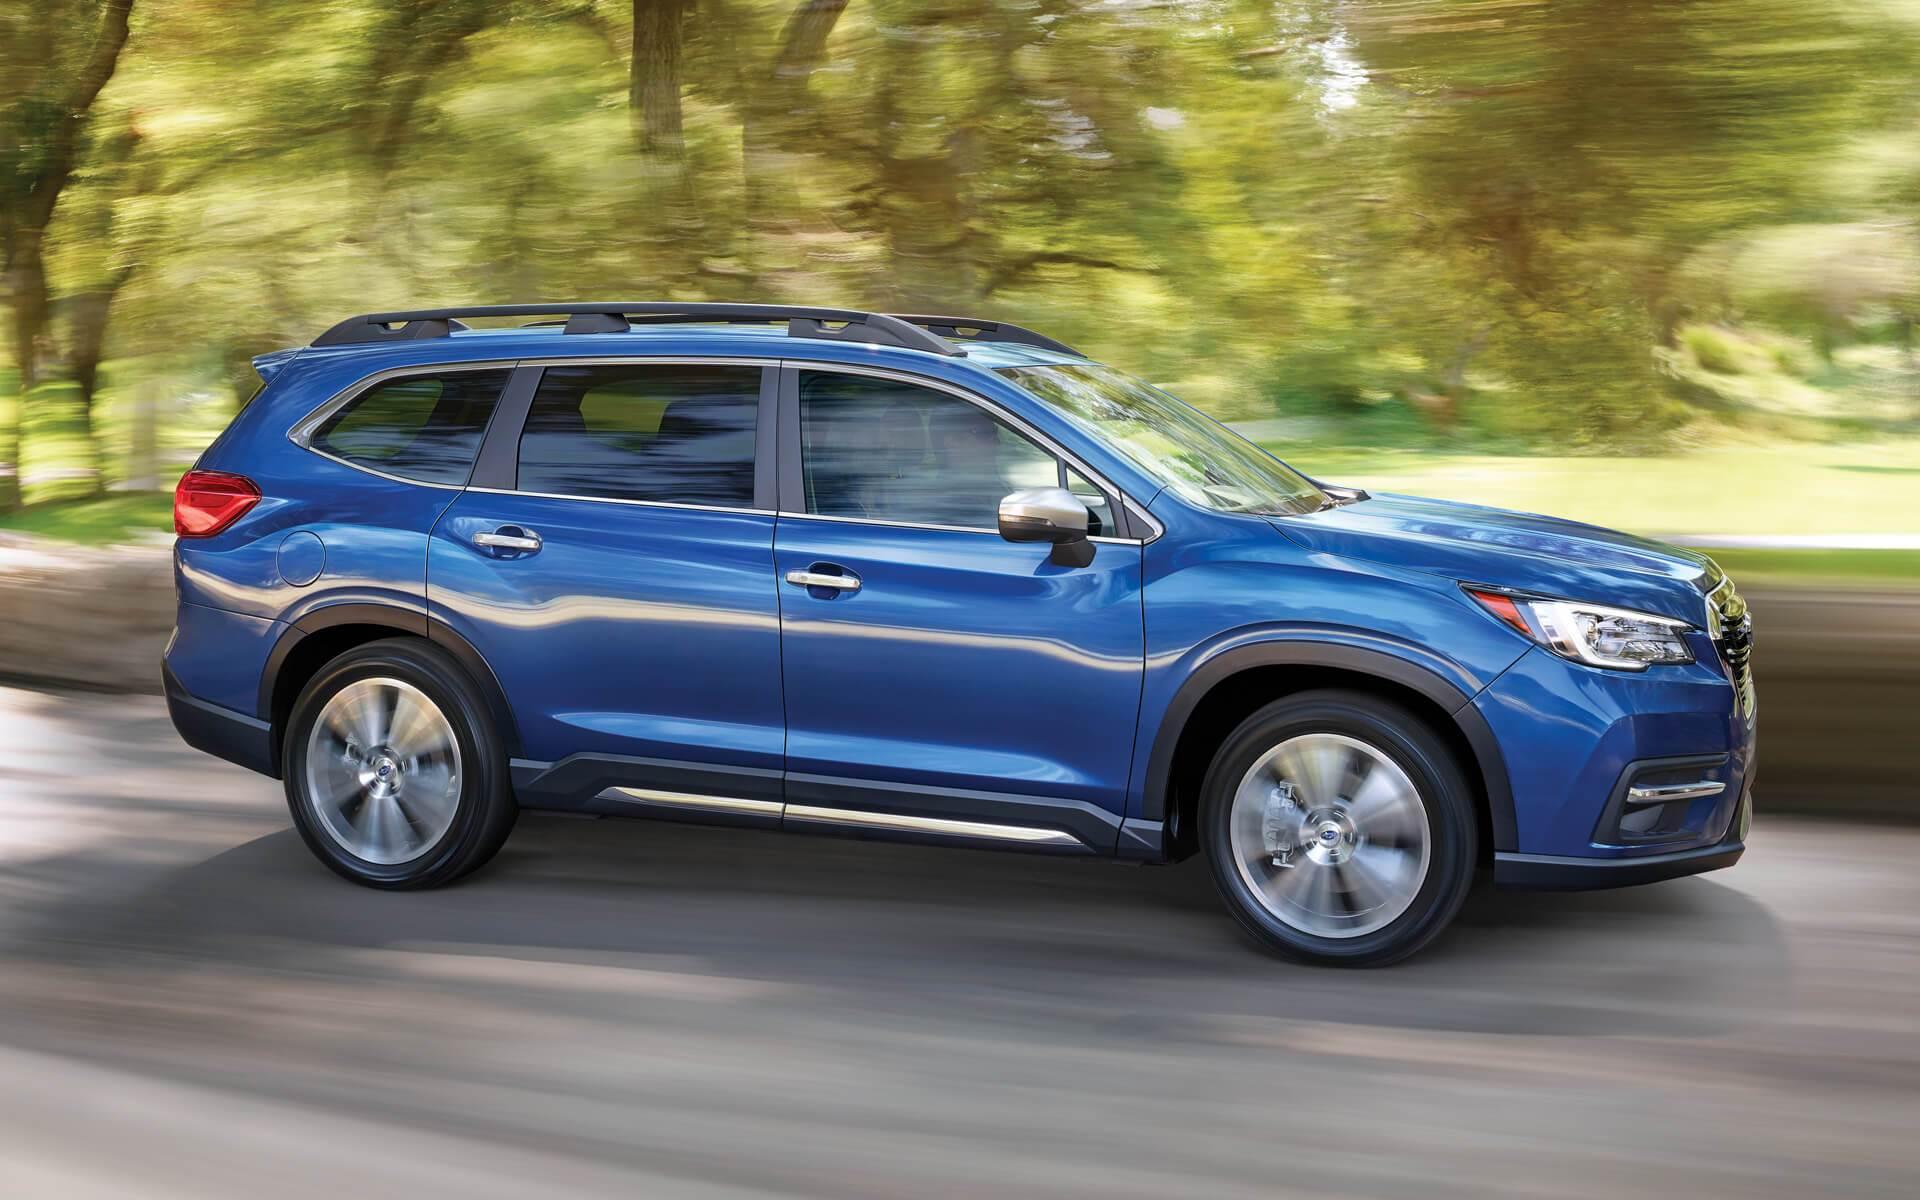 2020 Hyundai Palisade Covington La Vs 2020 Subaru Ascent Baldwin